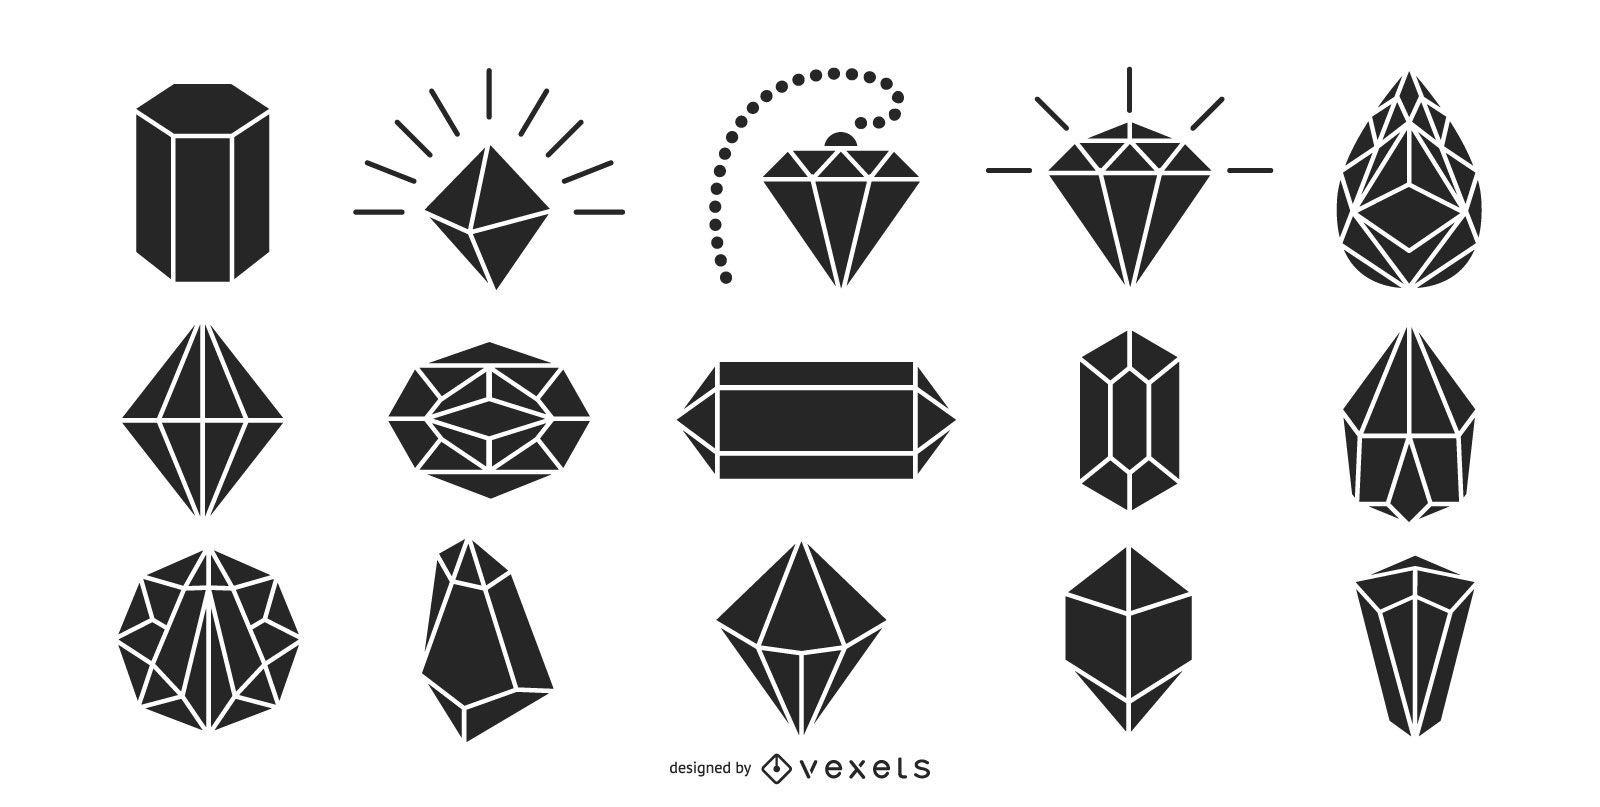 Diamonds silhouette pack